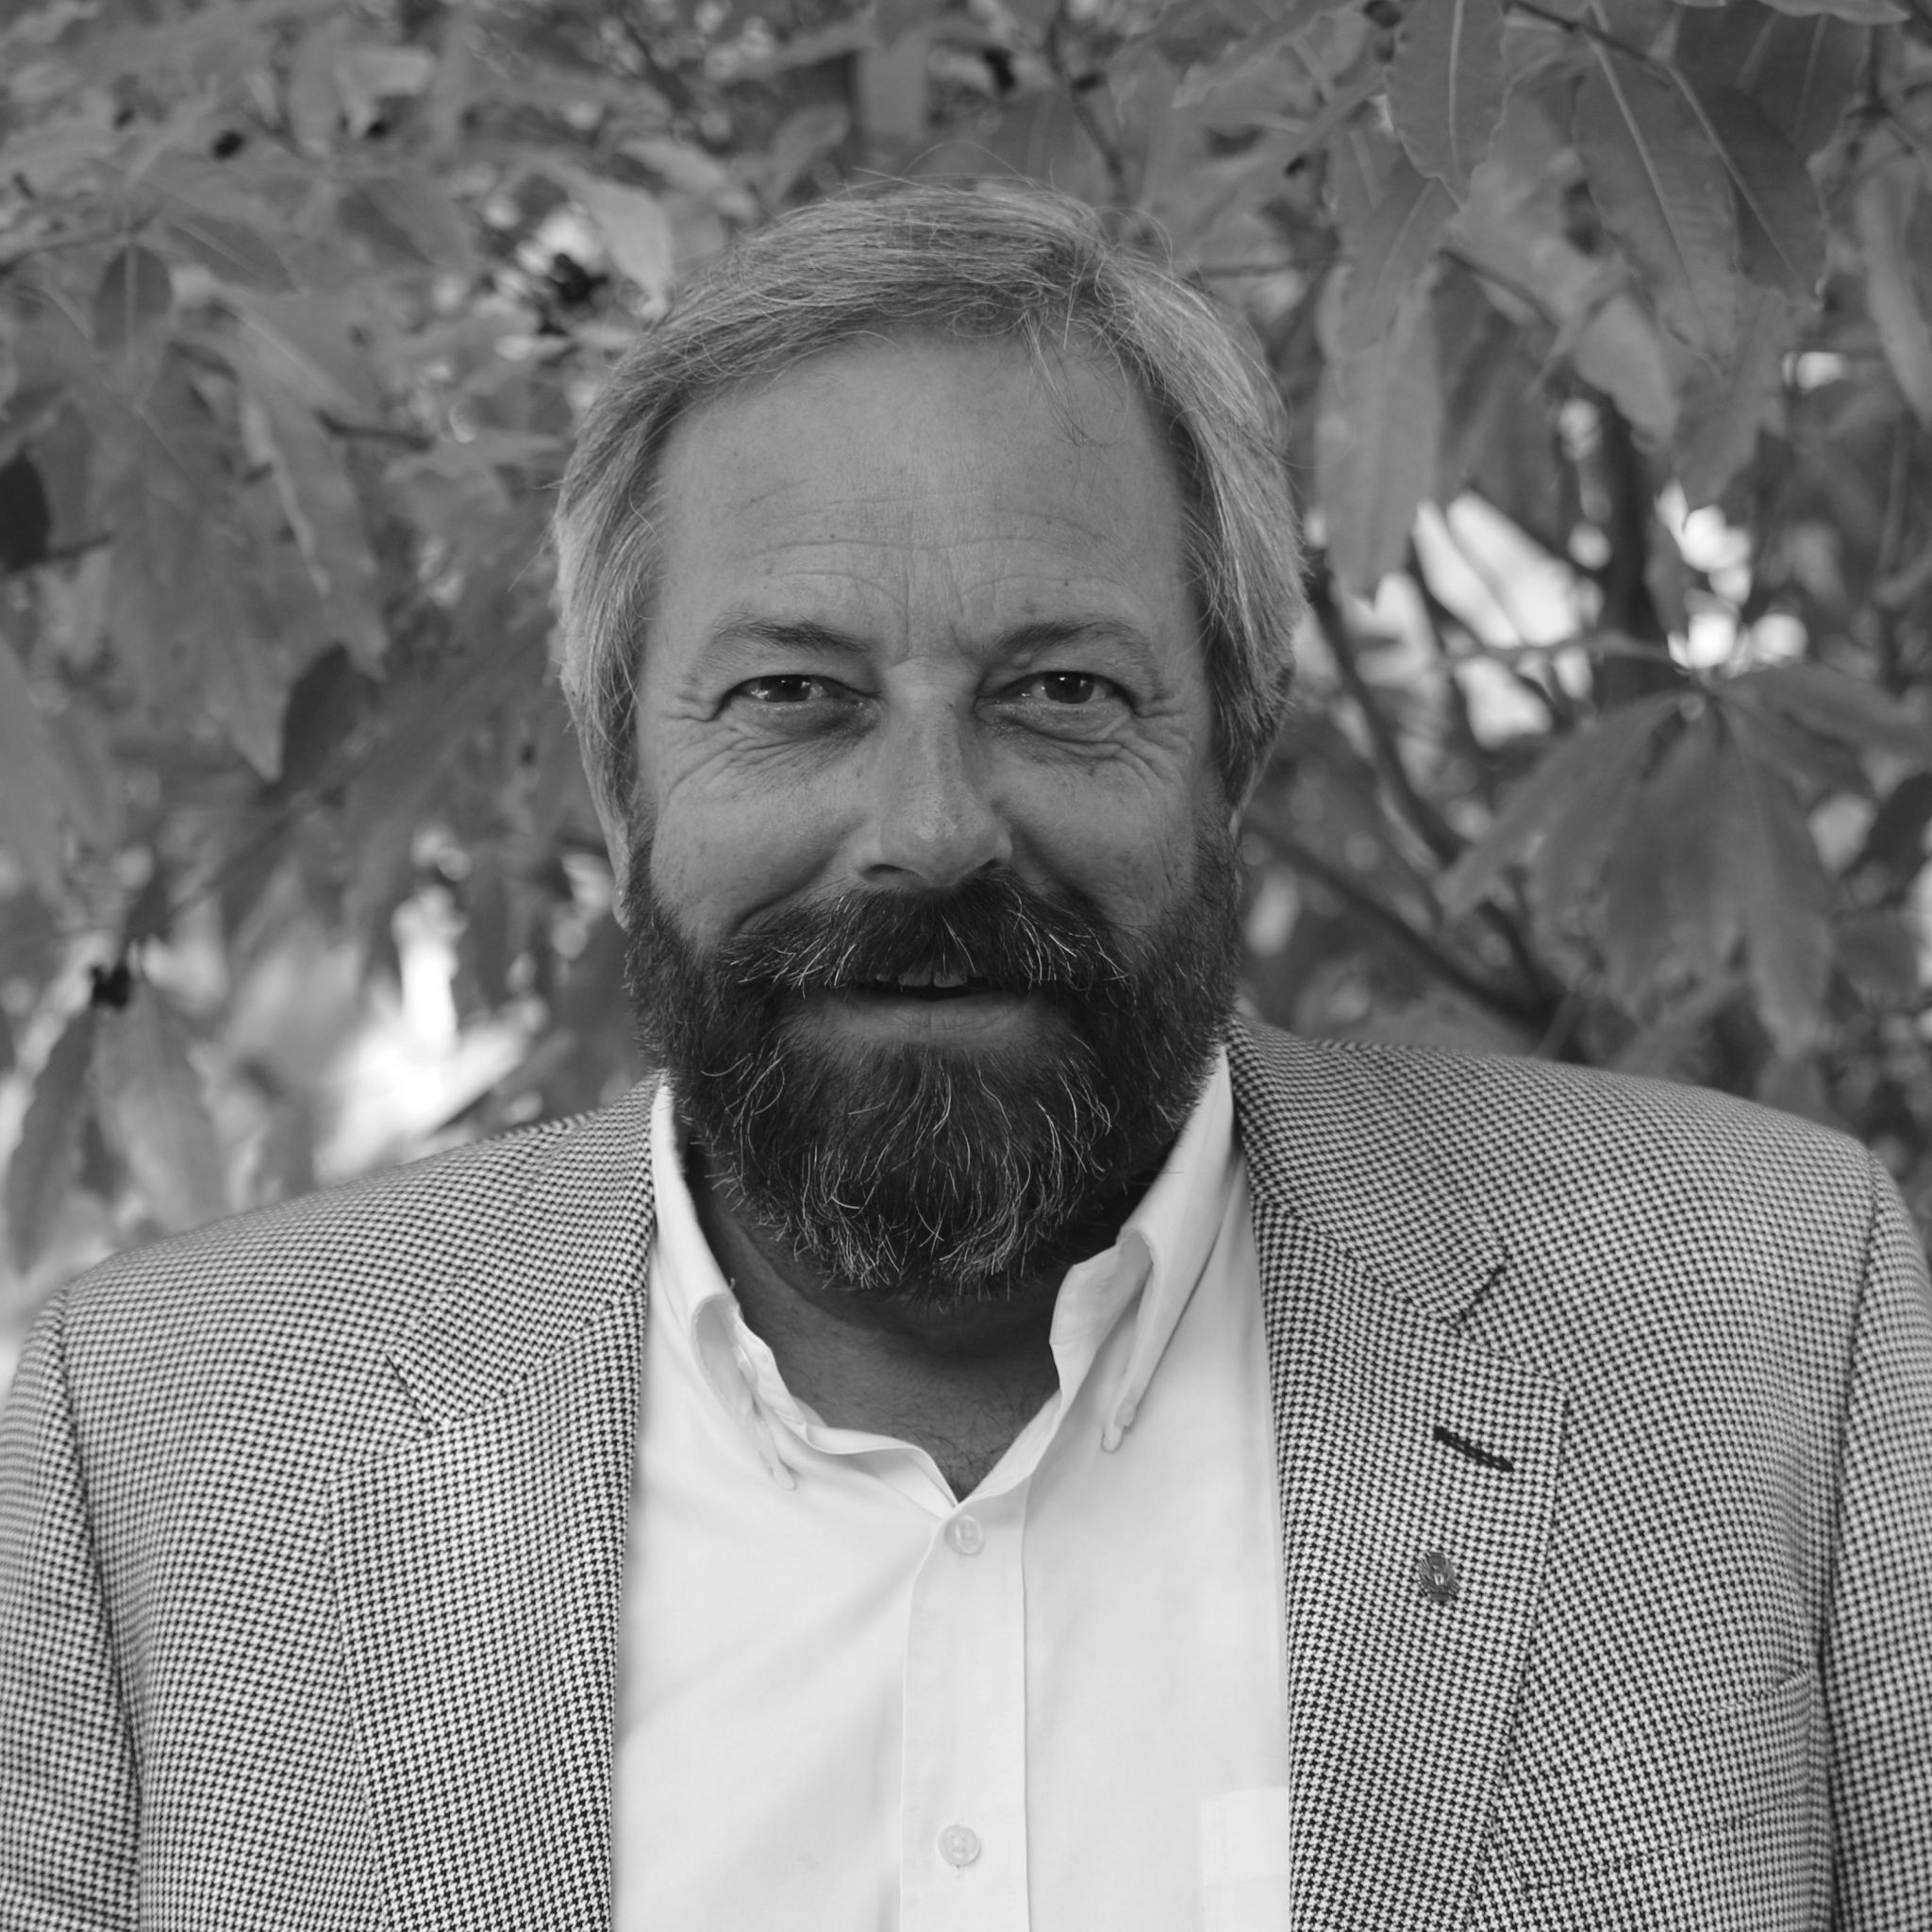 Greg Wynn, AIA, NCARB